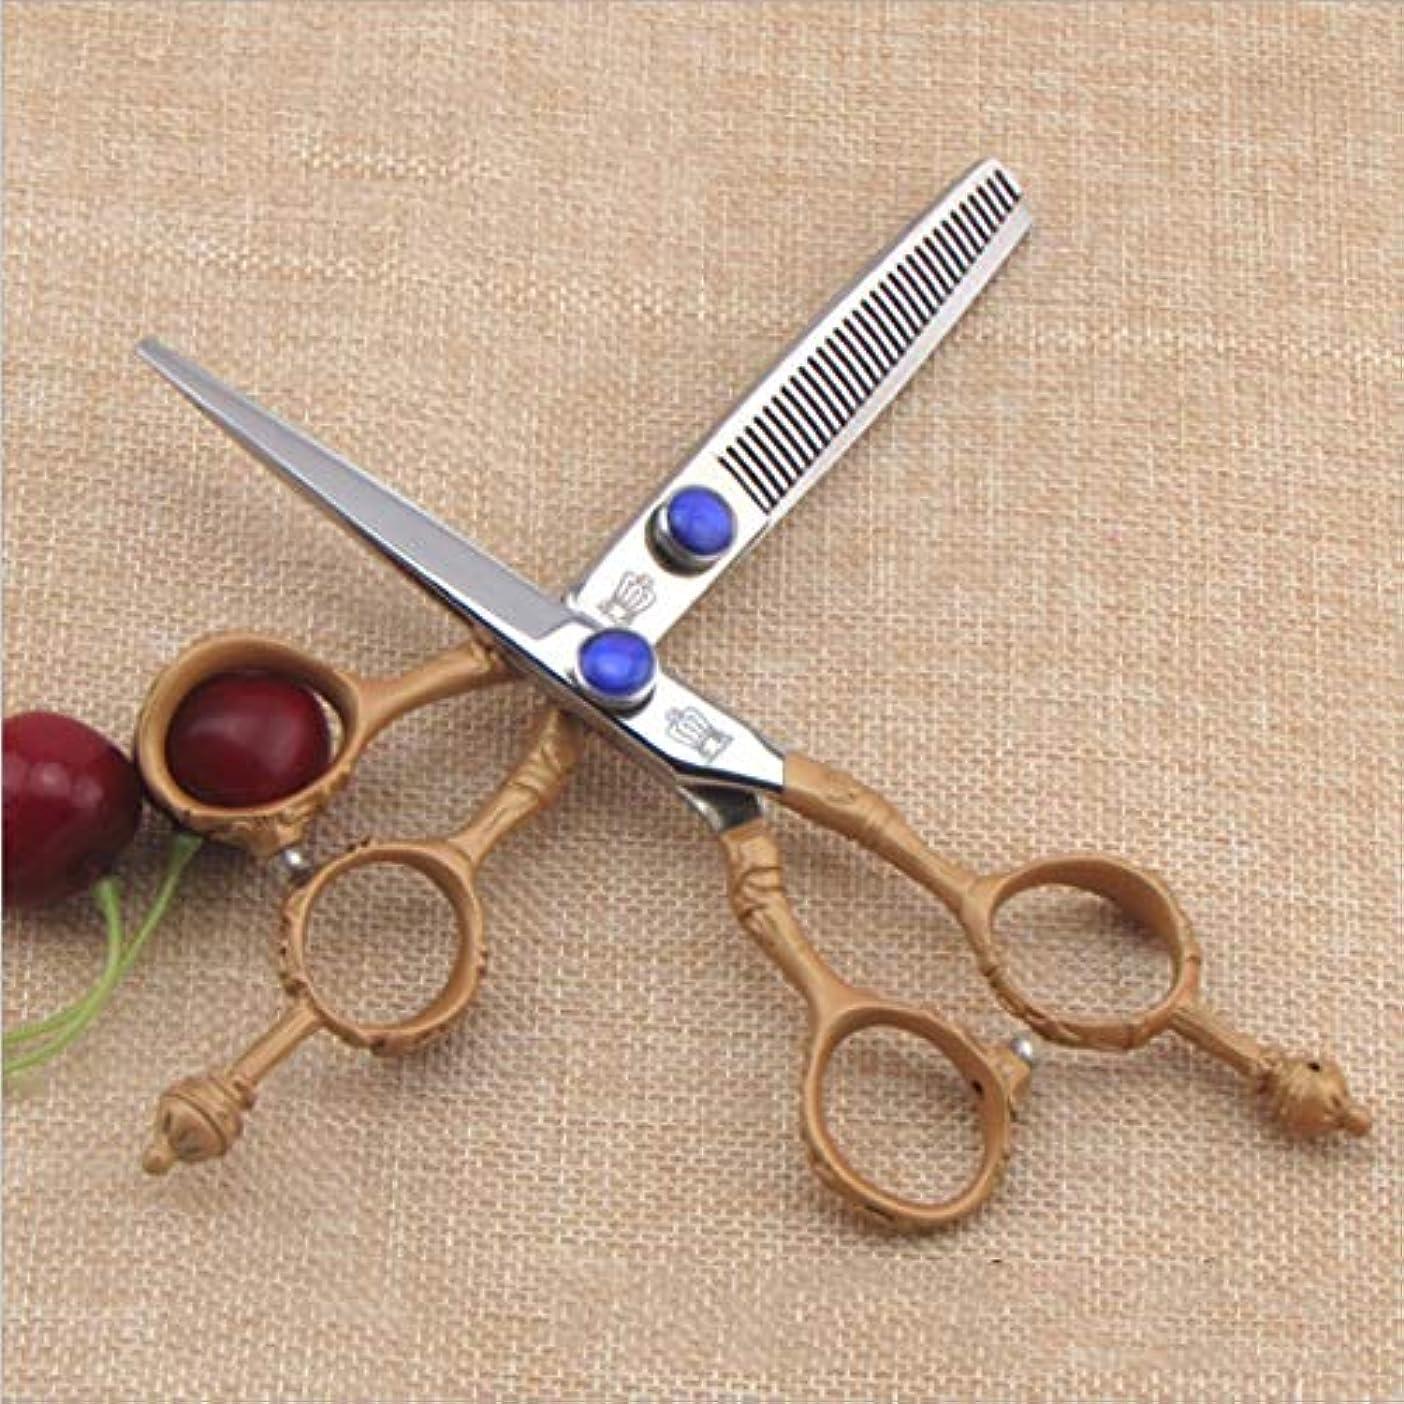 億山岳アンソロジーハイエンド理髪はさみ - 髪を薄くするはさみキット、プロの理髪師はさみ モデリングツール (Design : B)